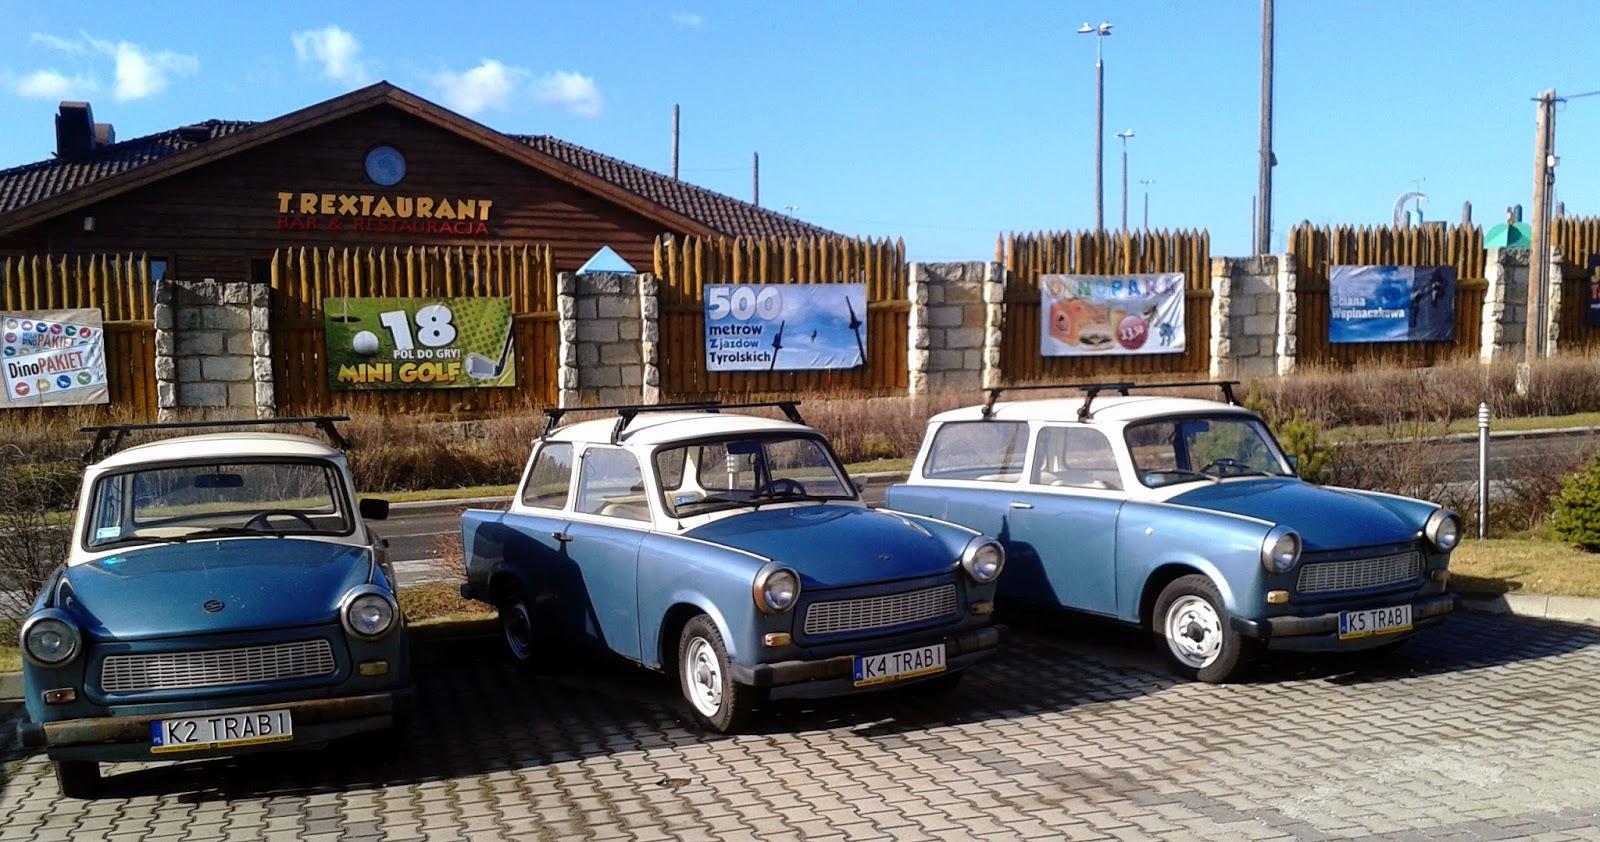 Wynajem samochodów - Inwałd Park Hotel